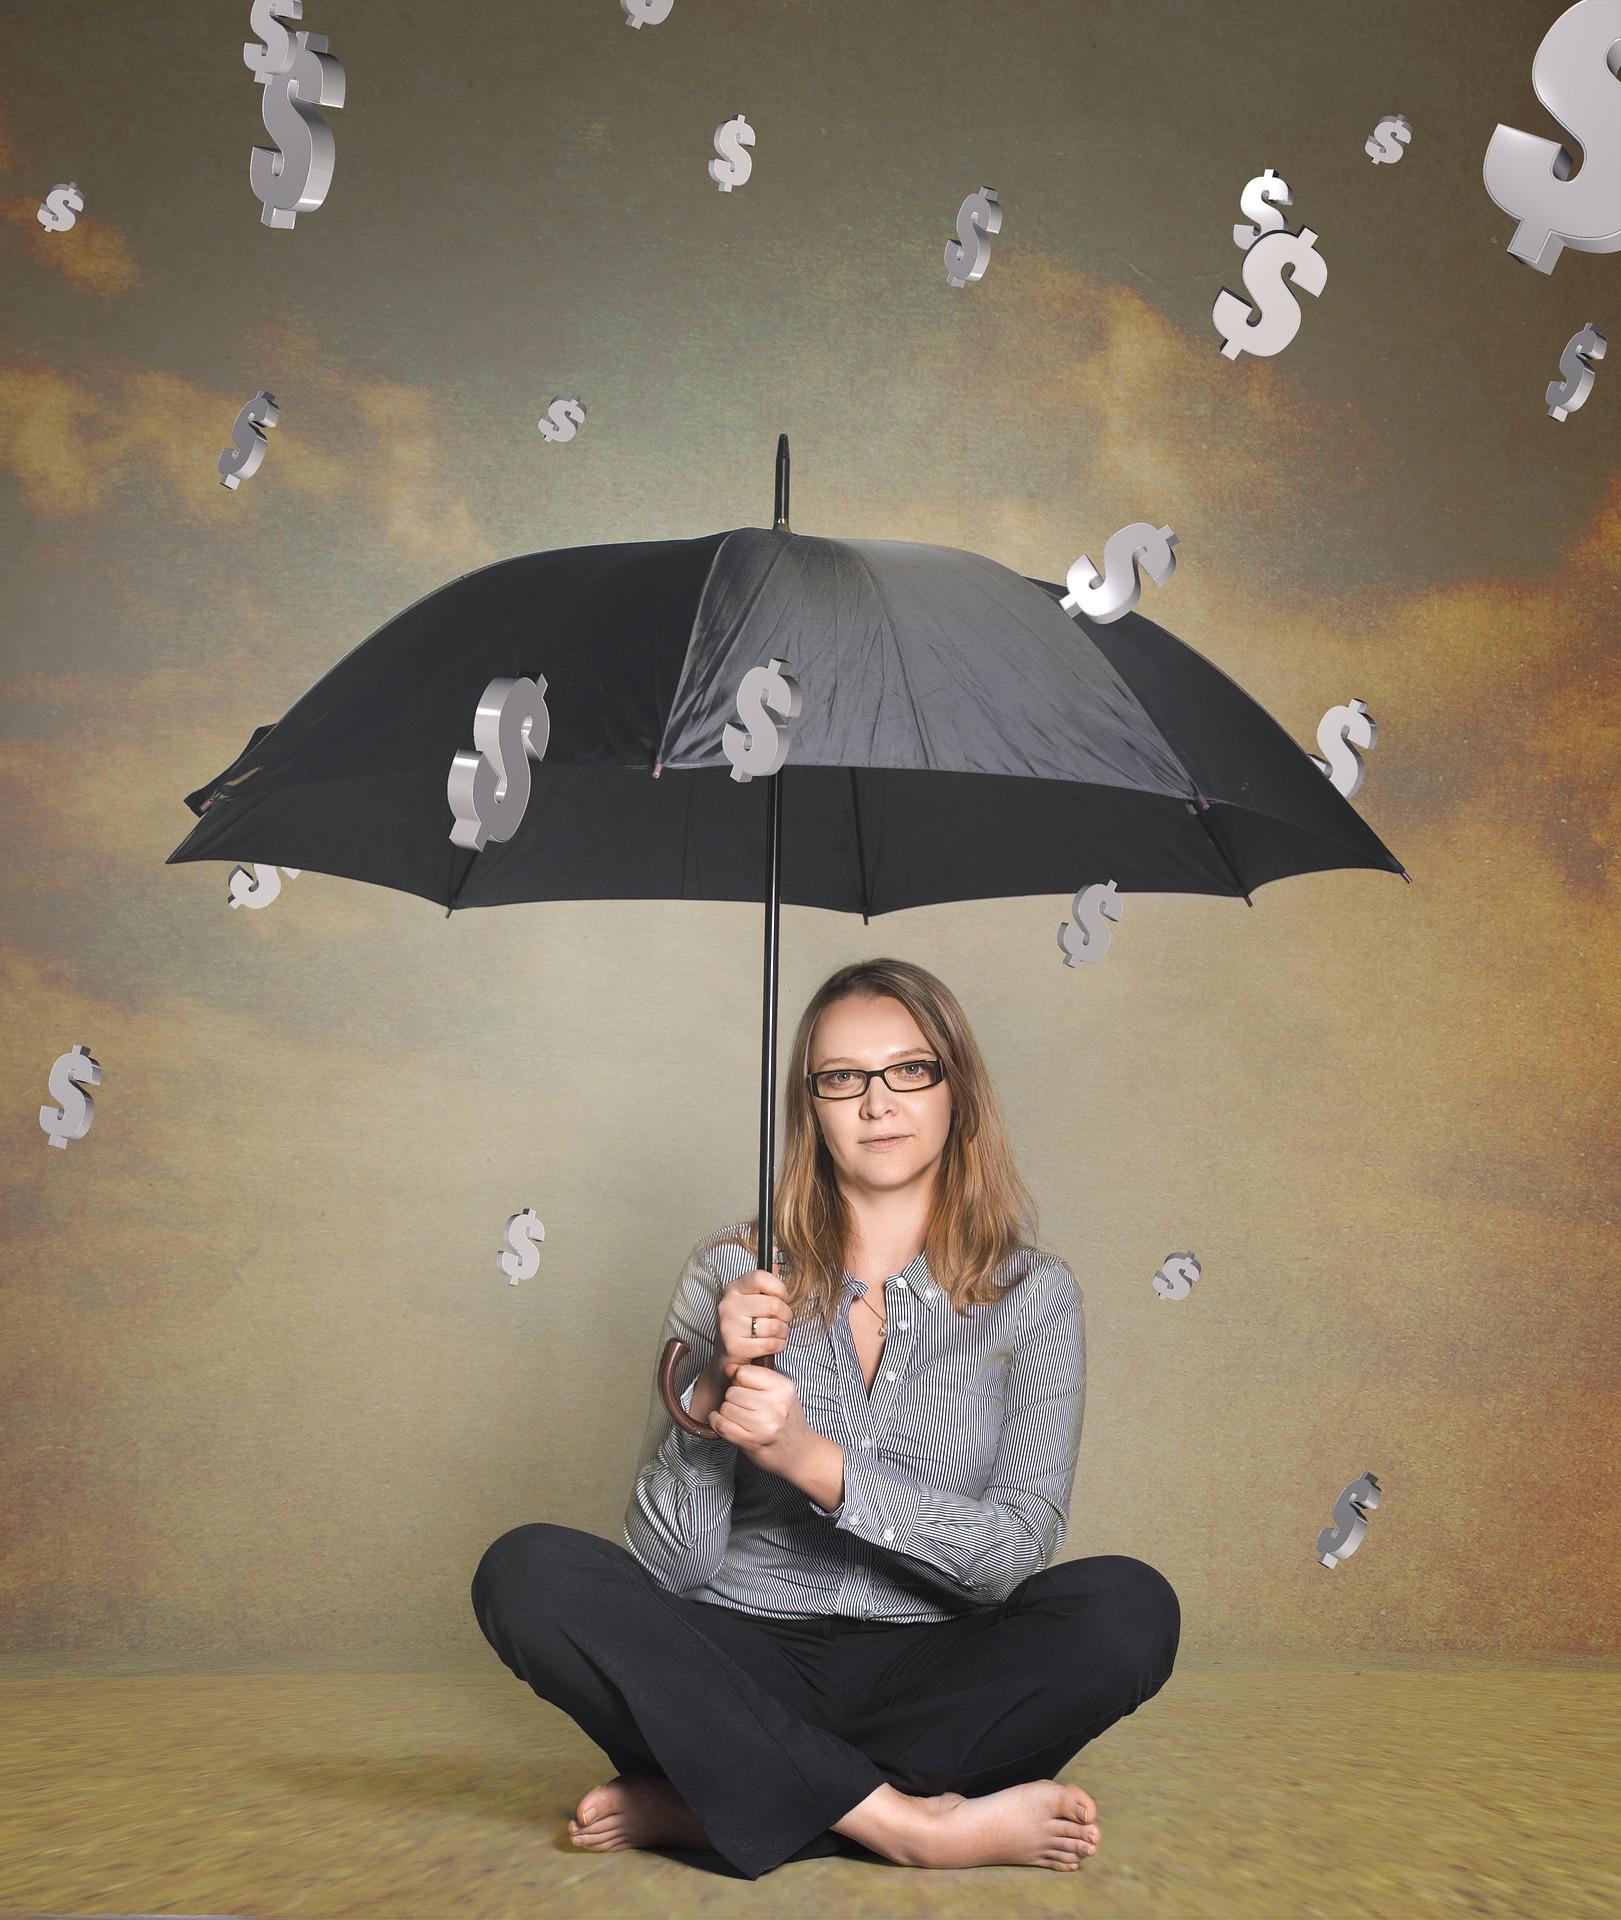 Diseña tu presupuesto y empezarás a controlar tus deudas